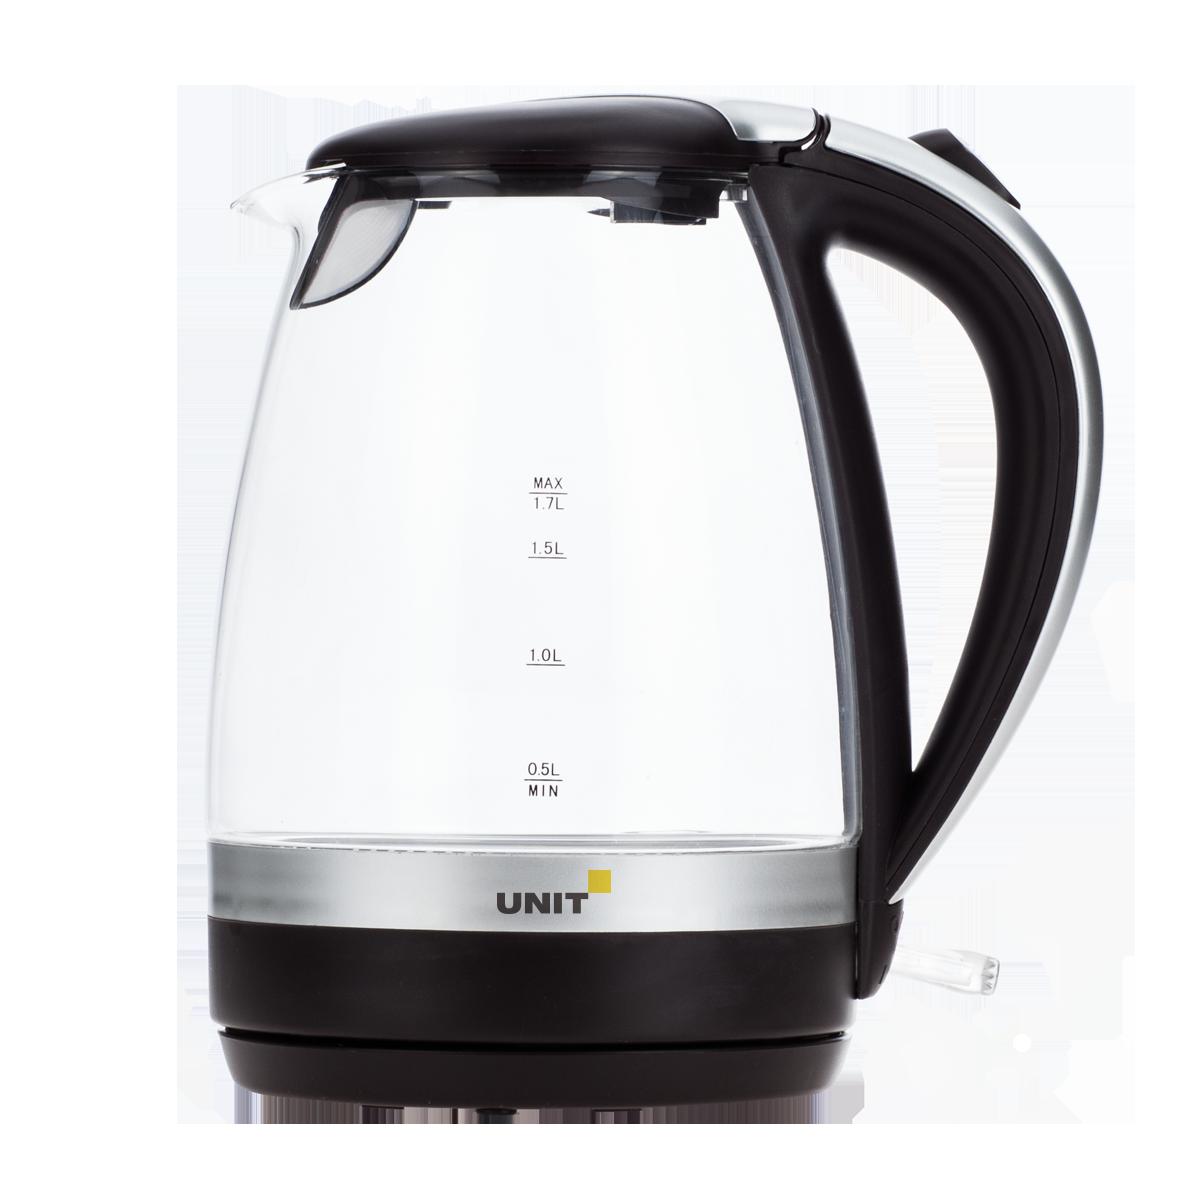 Фото - Чайник электрический UNIT UEK-254 (Черный); стекло, 1.7л., 2200Вт. чайник электрический unit uek 256 черный